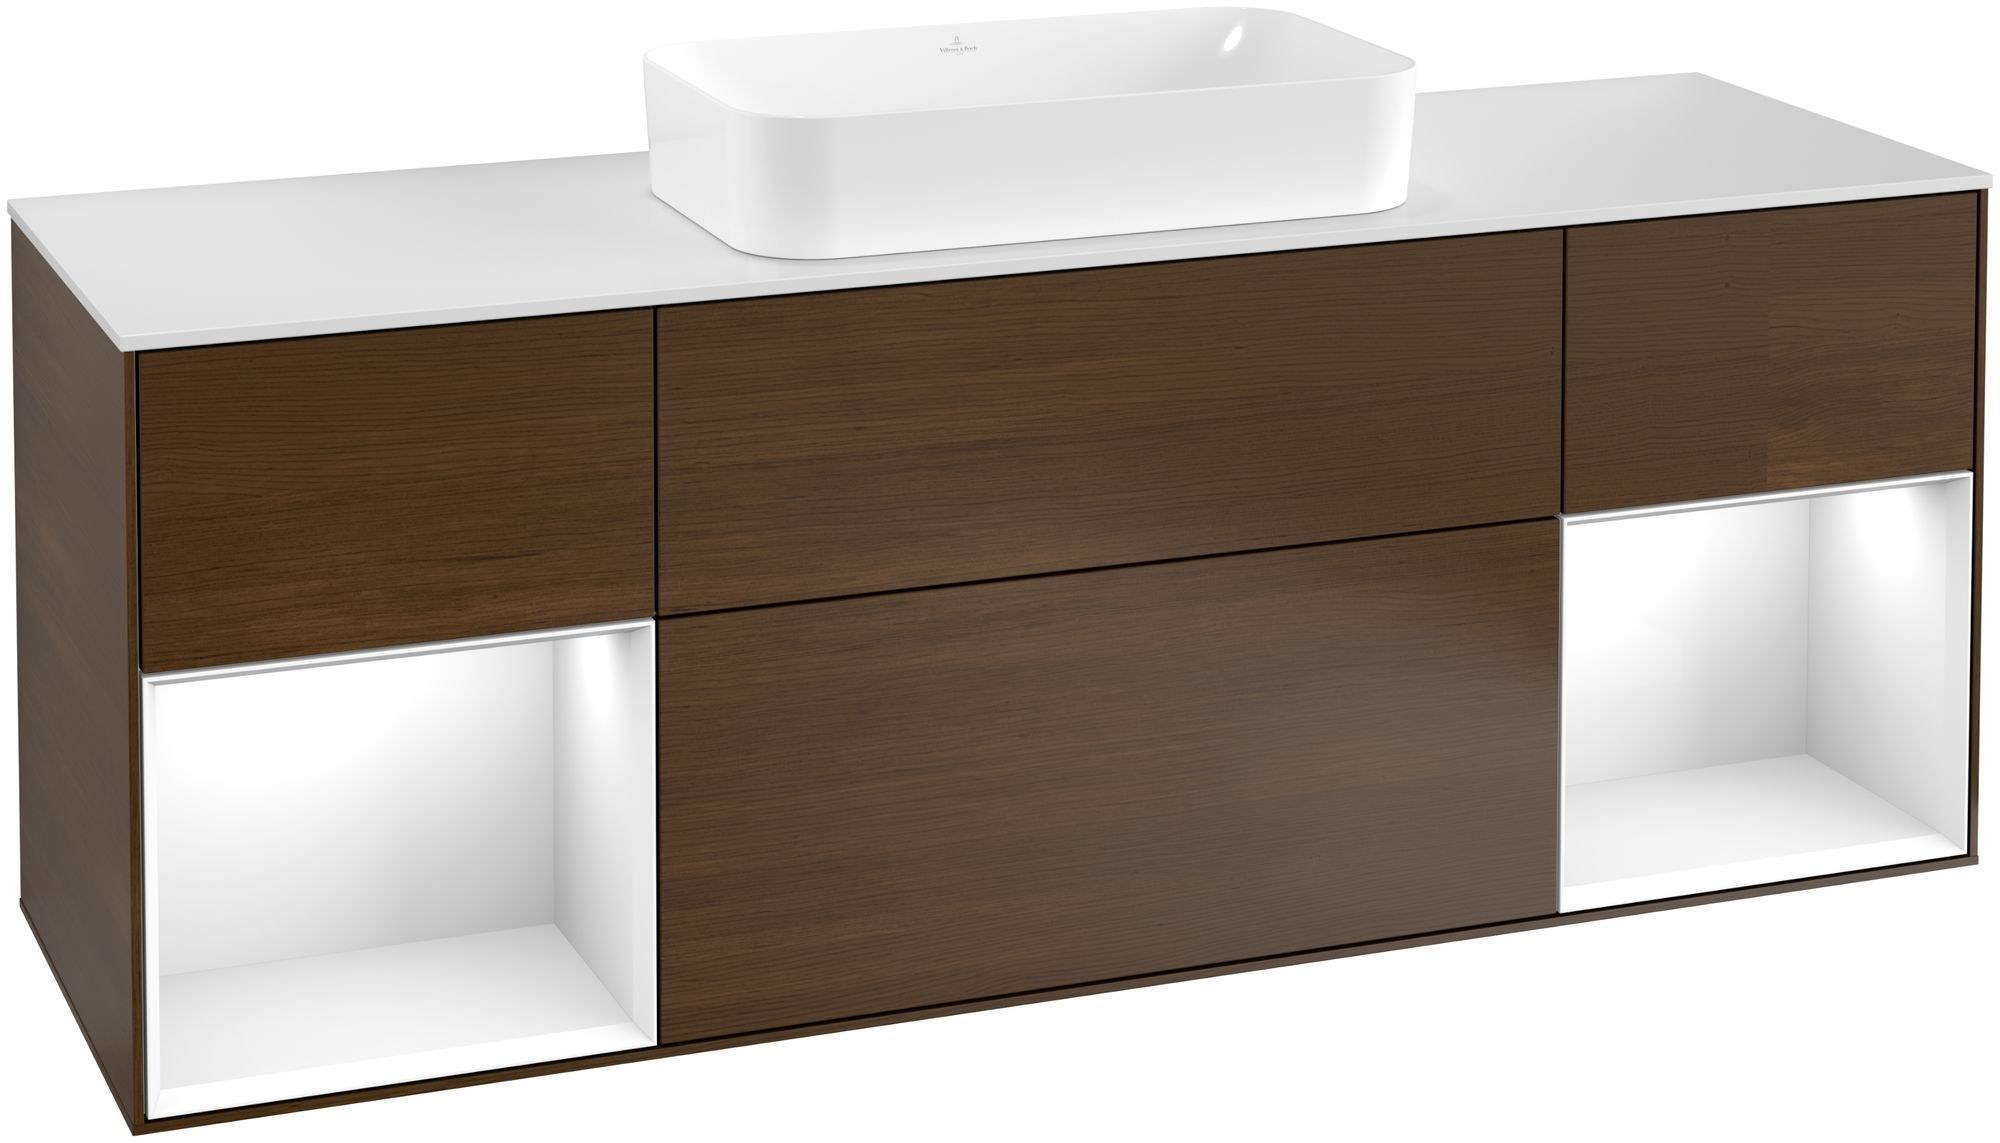 Villeroy & Boch Finion F33 Waschtischunterschrank mit Regalelement 4 Auszüge Waschtisch mittig LED-Beleuchtung B:160xH:60,3xT:50,1cm Front, Korpus: Walnut Veneer, Regal: Glossy White Lack, Glasplatte: White Matt F331GFGN